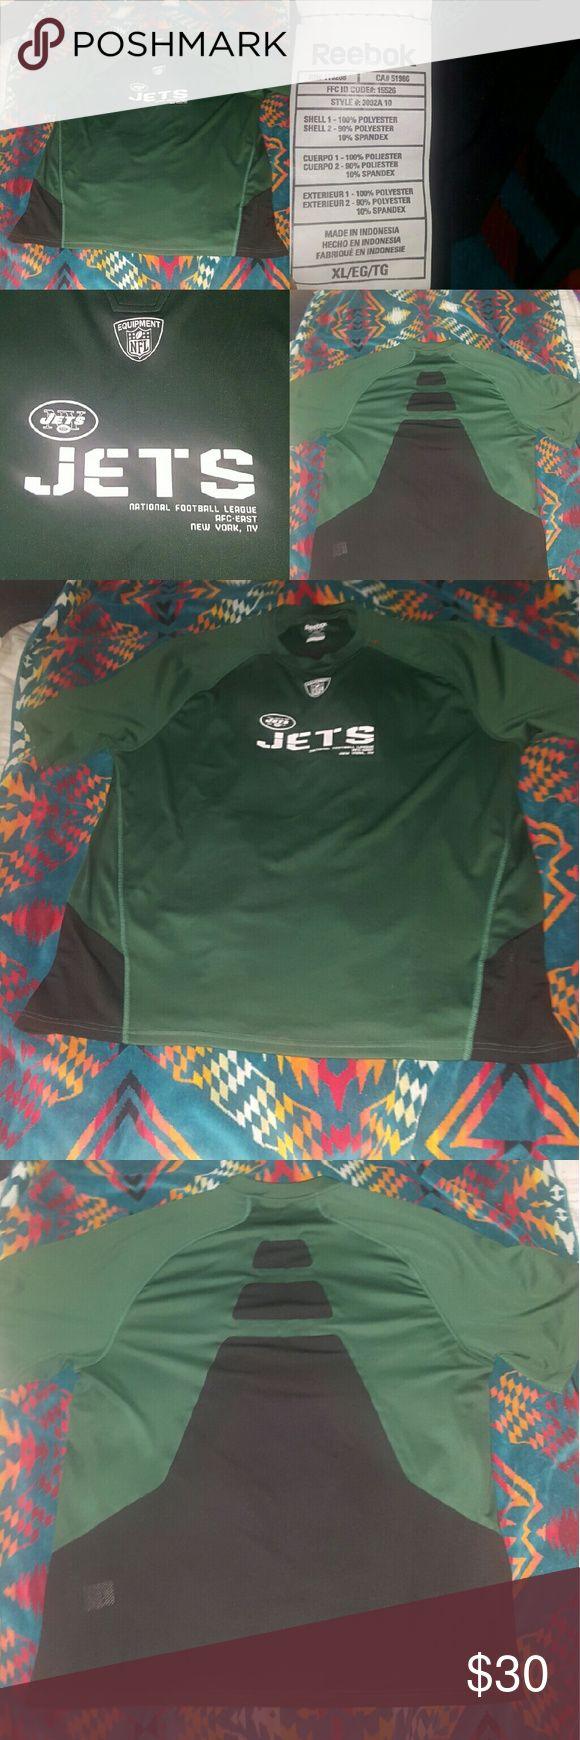 NY JETS REEBOK xl activewear  t shirt NY JETS XL ACTIVEWEAR T SHIRT NWOT REEBOK Reebok Shirts Tees - Short Sleeve